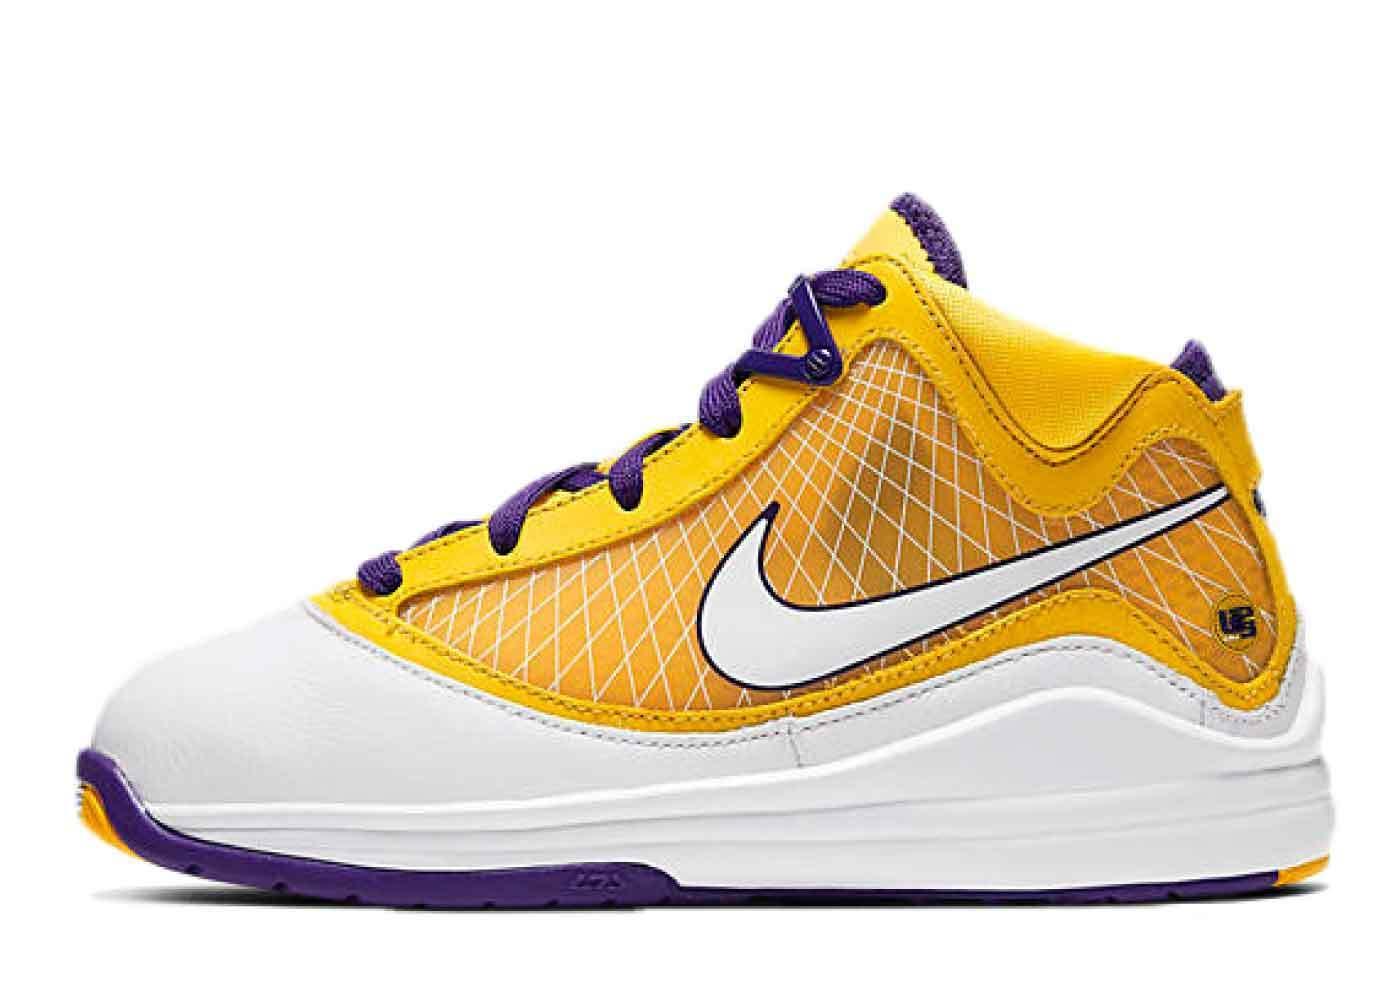 Nike LeBron 7 Lakers Media day Little Kidsの写真